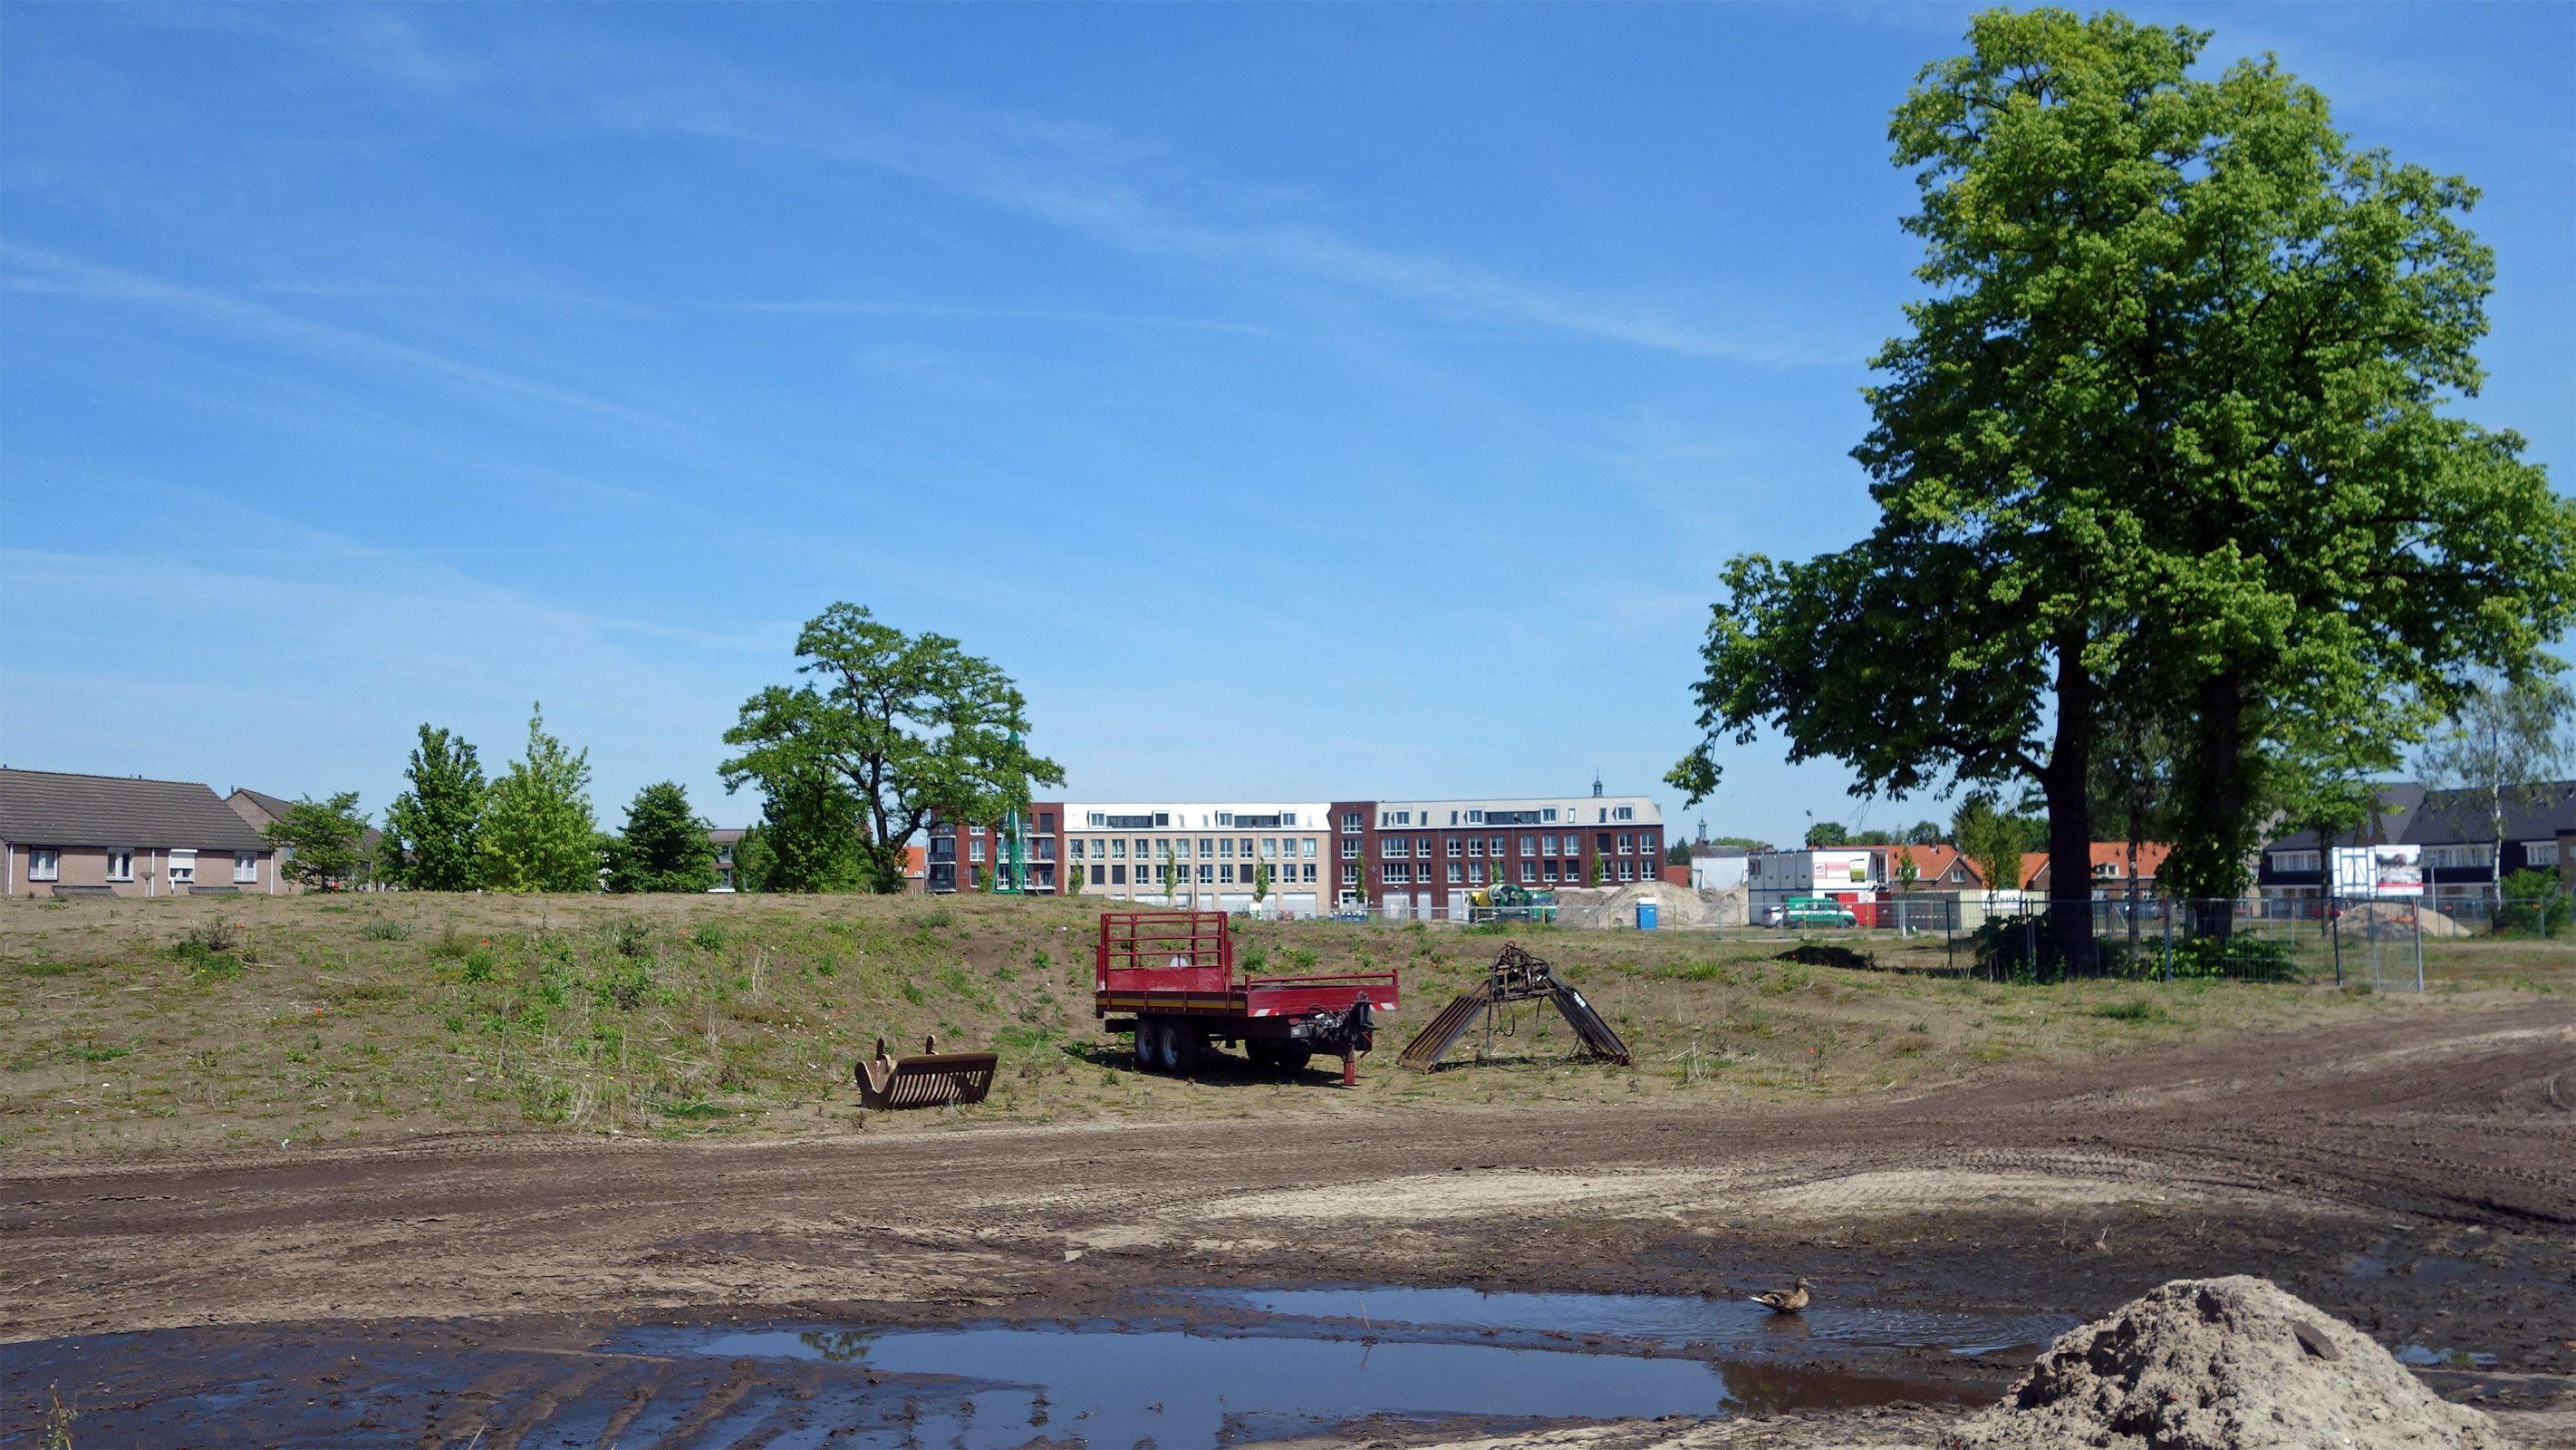 2014 05 16 Locatie Weverslabyrint tijdelijk in gebruik als opslagplaats. Tijd dat de aanleg gaat beginnen.